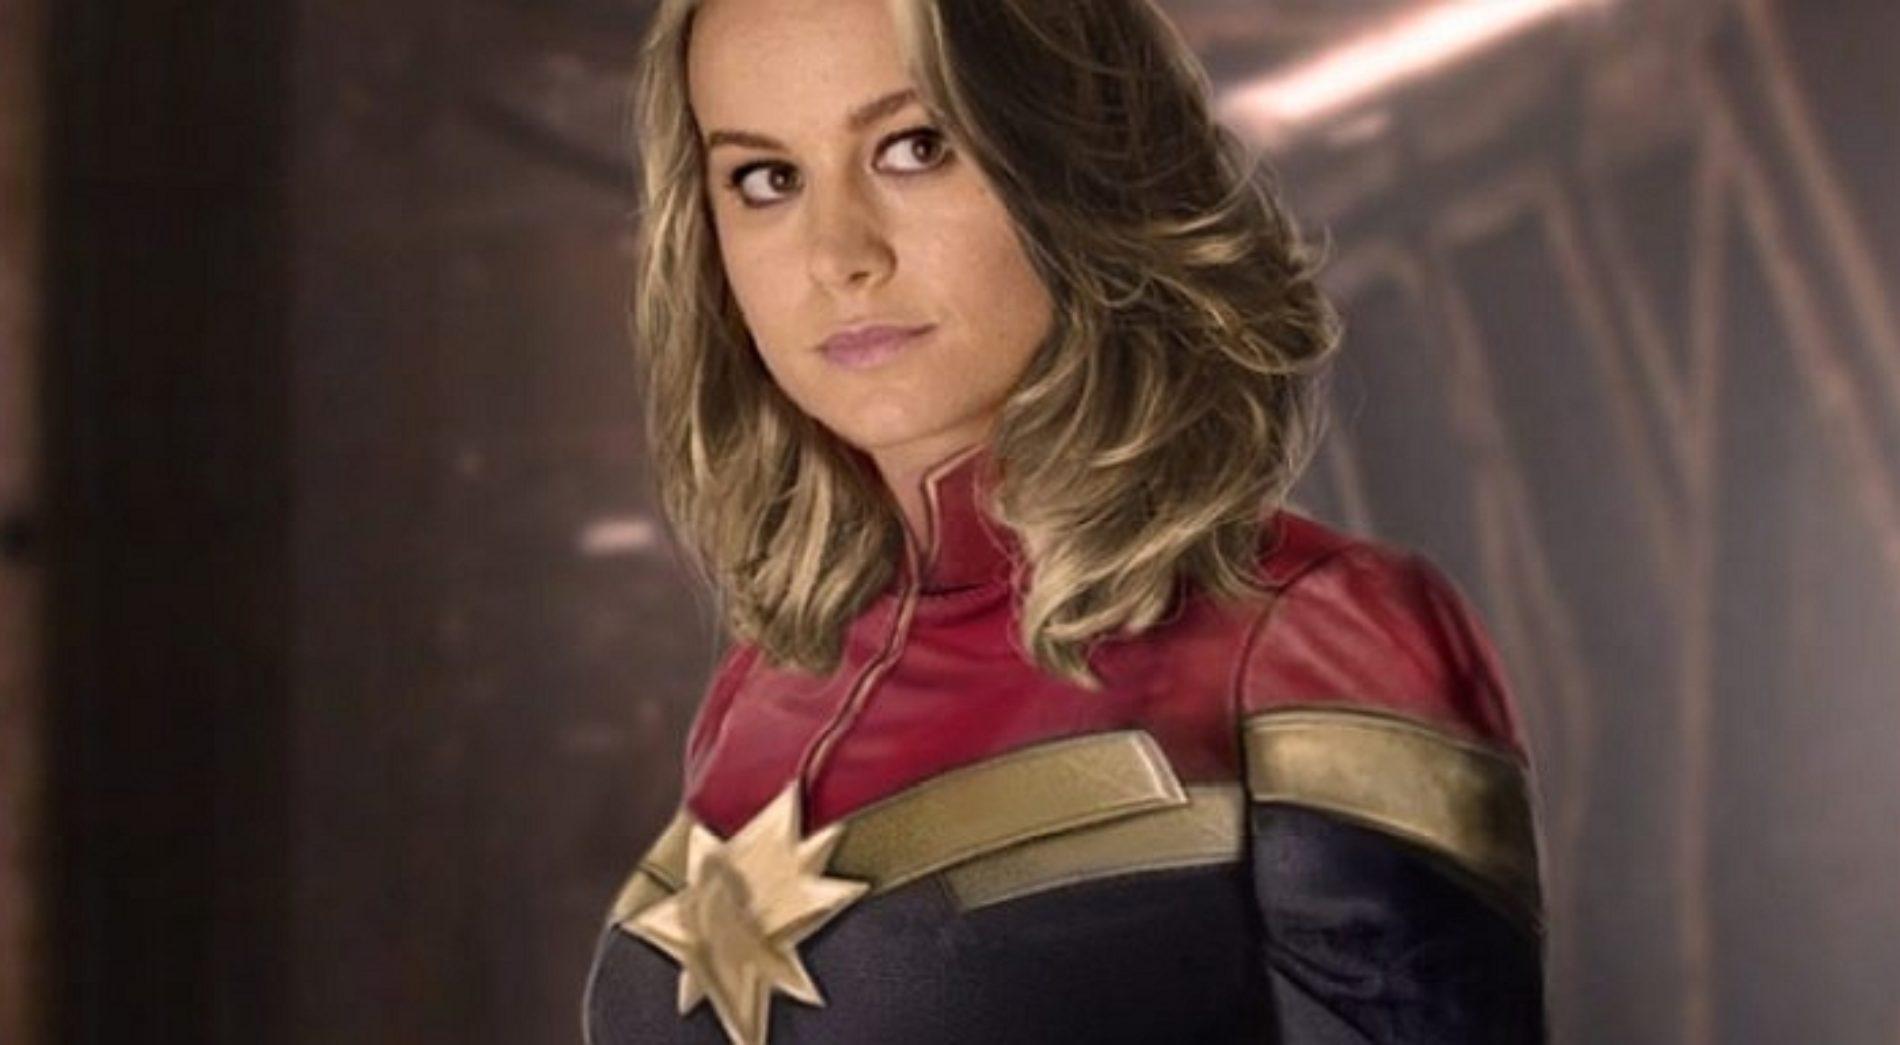 Aquí como Captain Marvel podría resolver la secuela de 'Avengers: Infinity War'